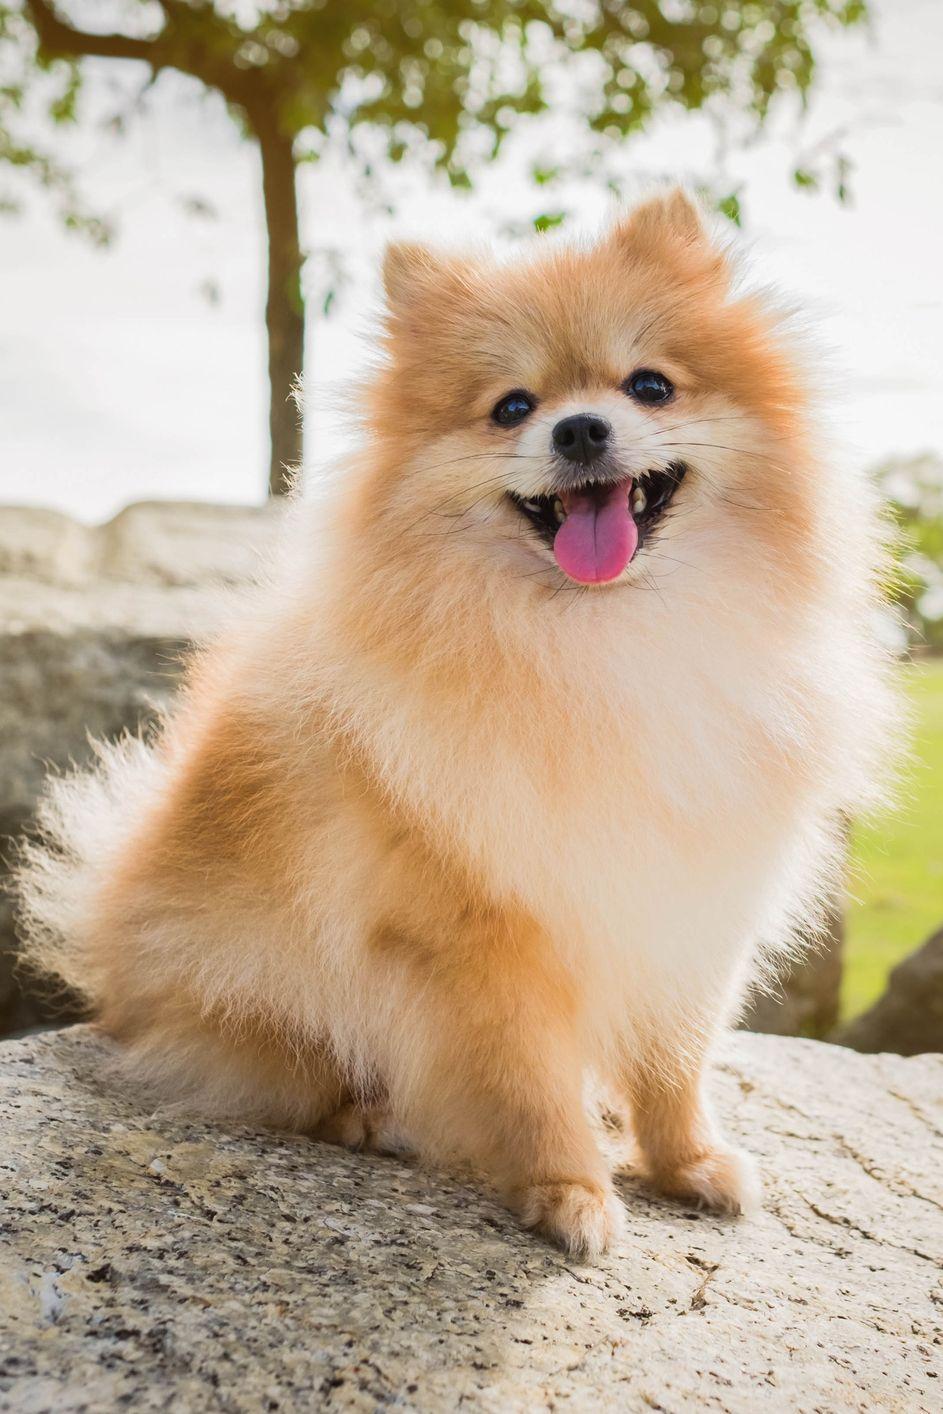 Mini Pom Dog : Miniature, Breeds, Breed